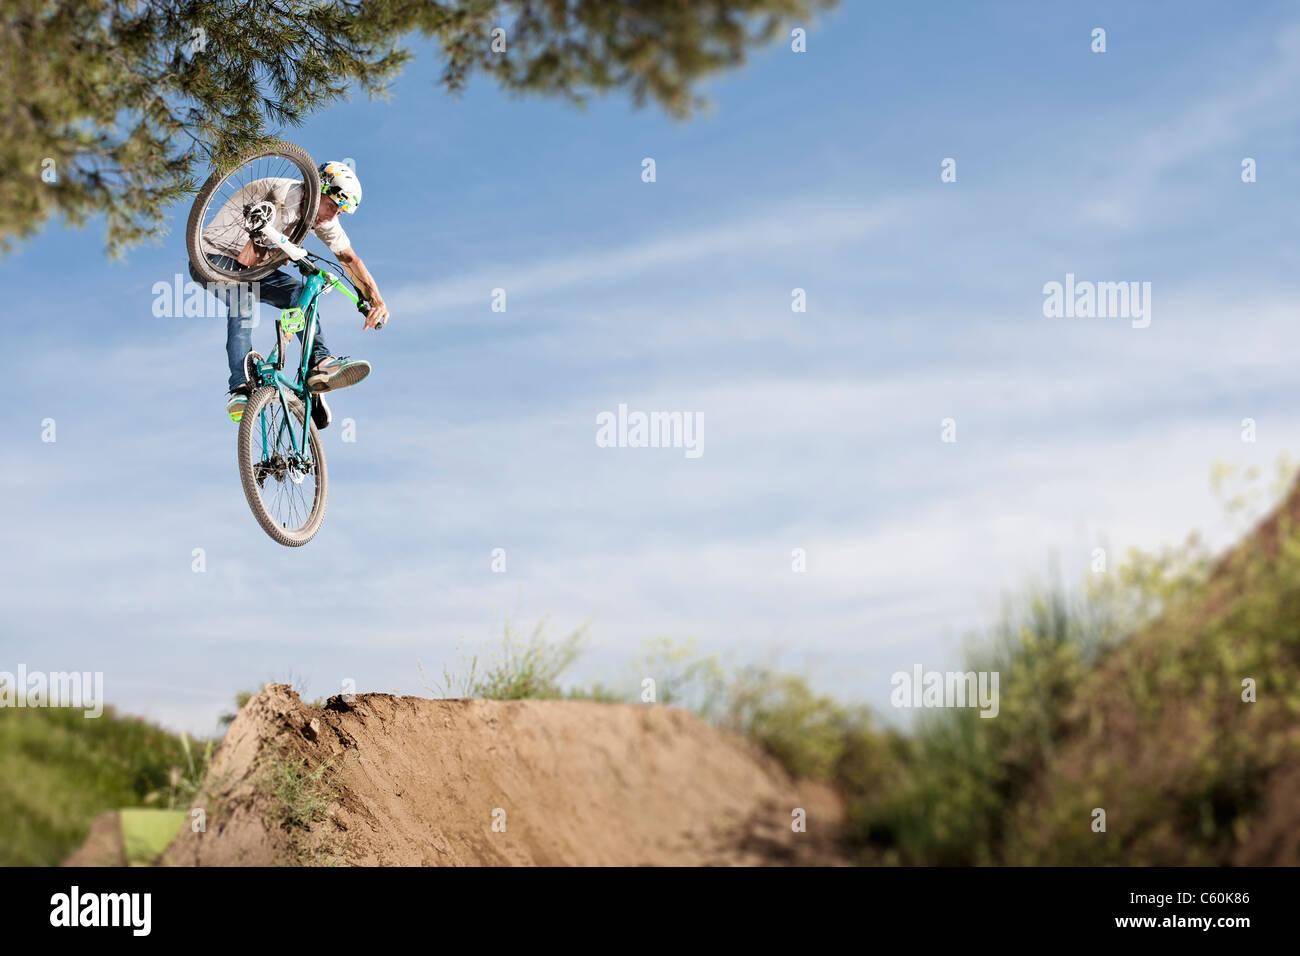 Schmutz-Biker machen Tricks bei Sprung Stockbild